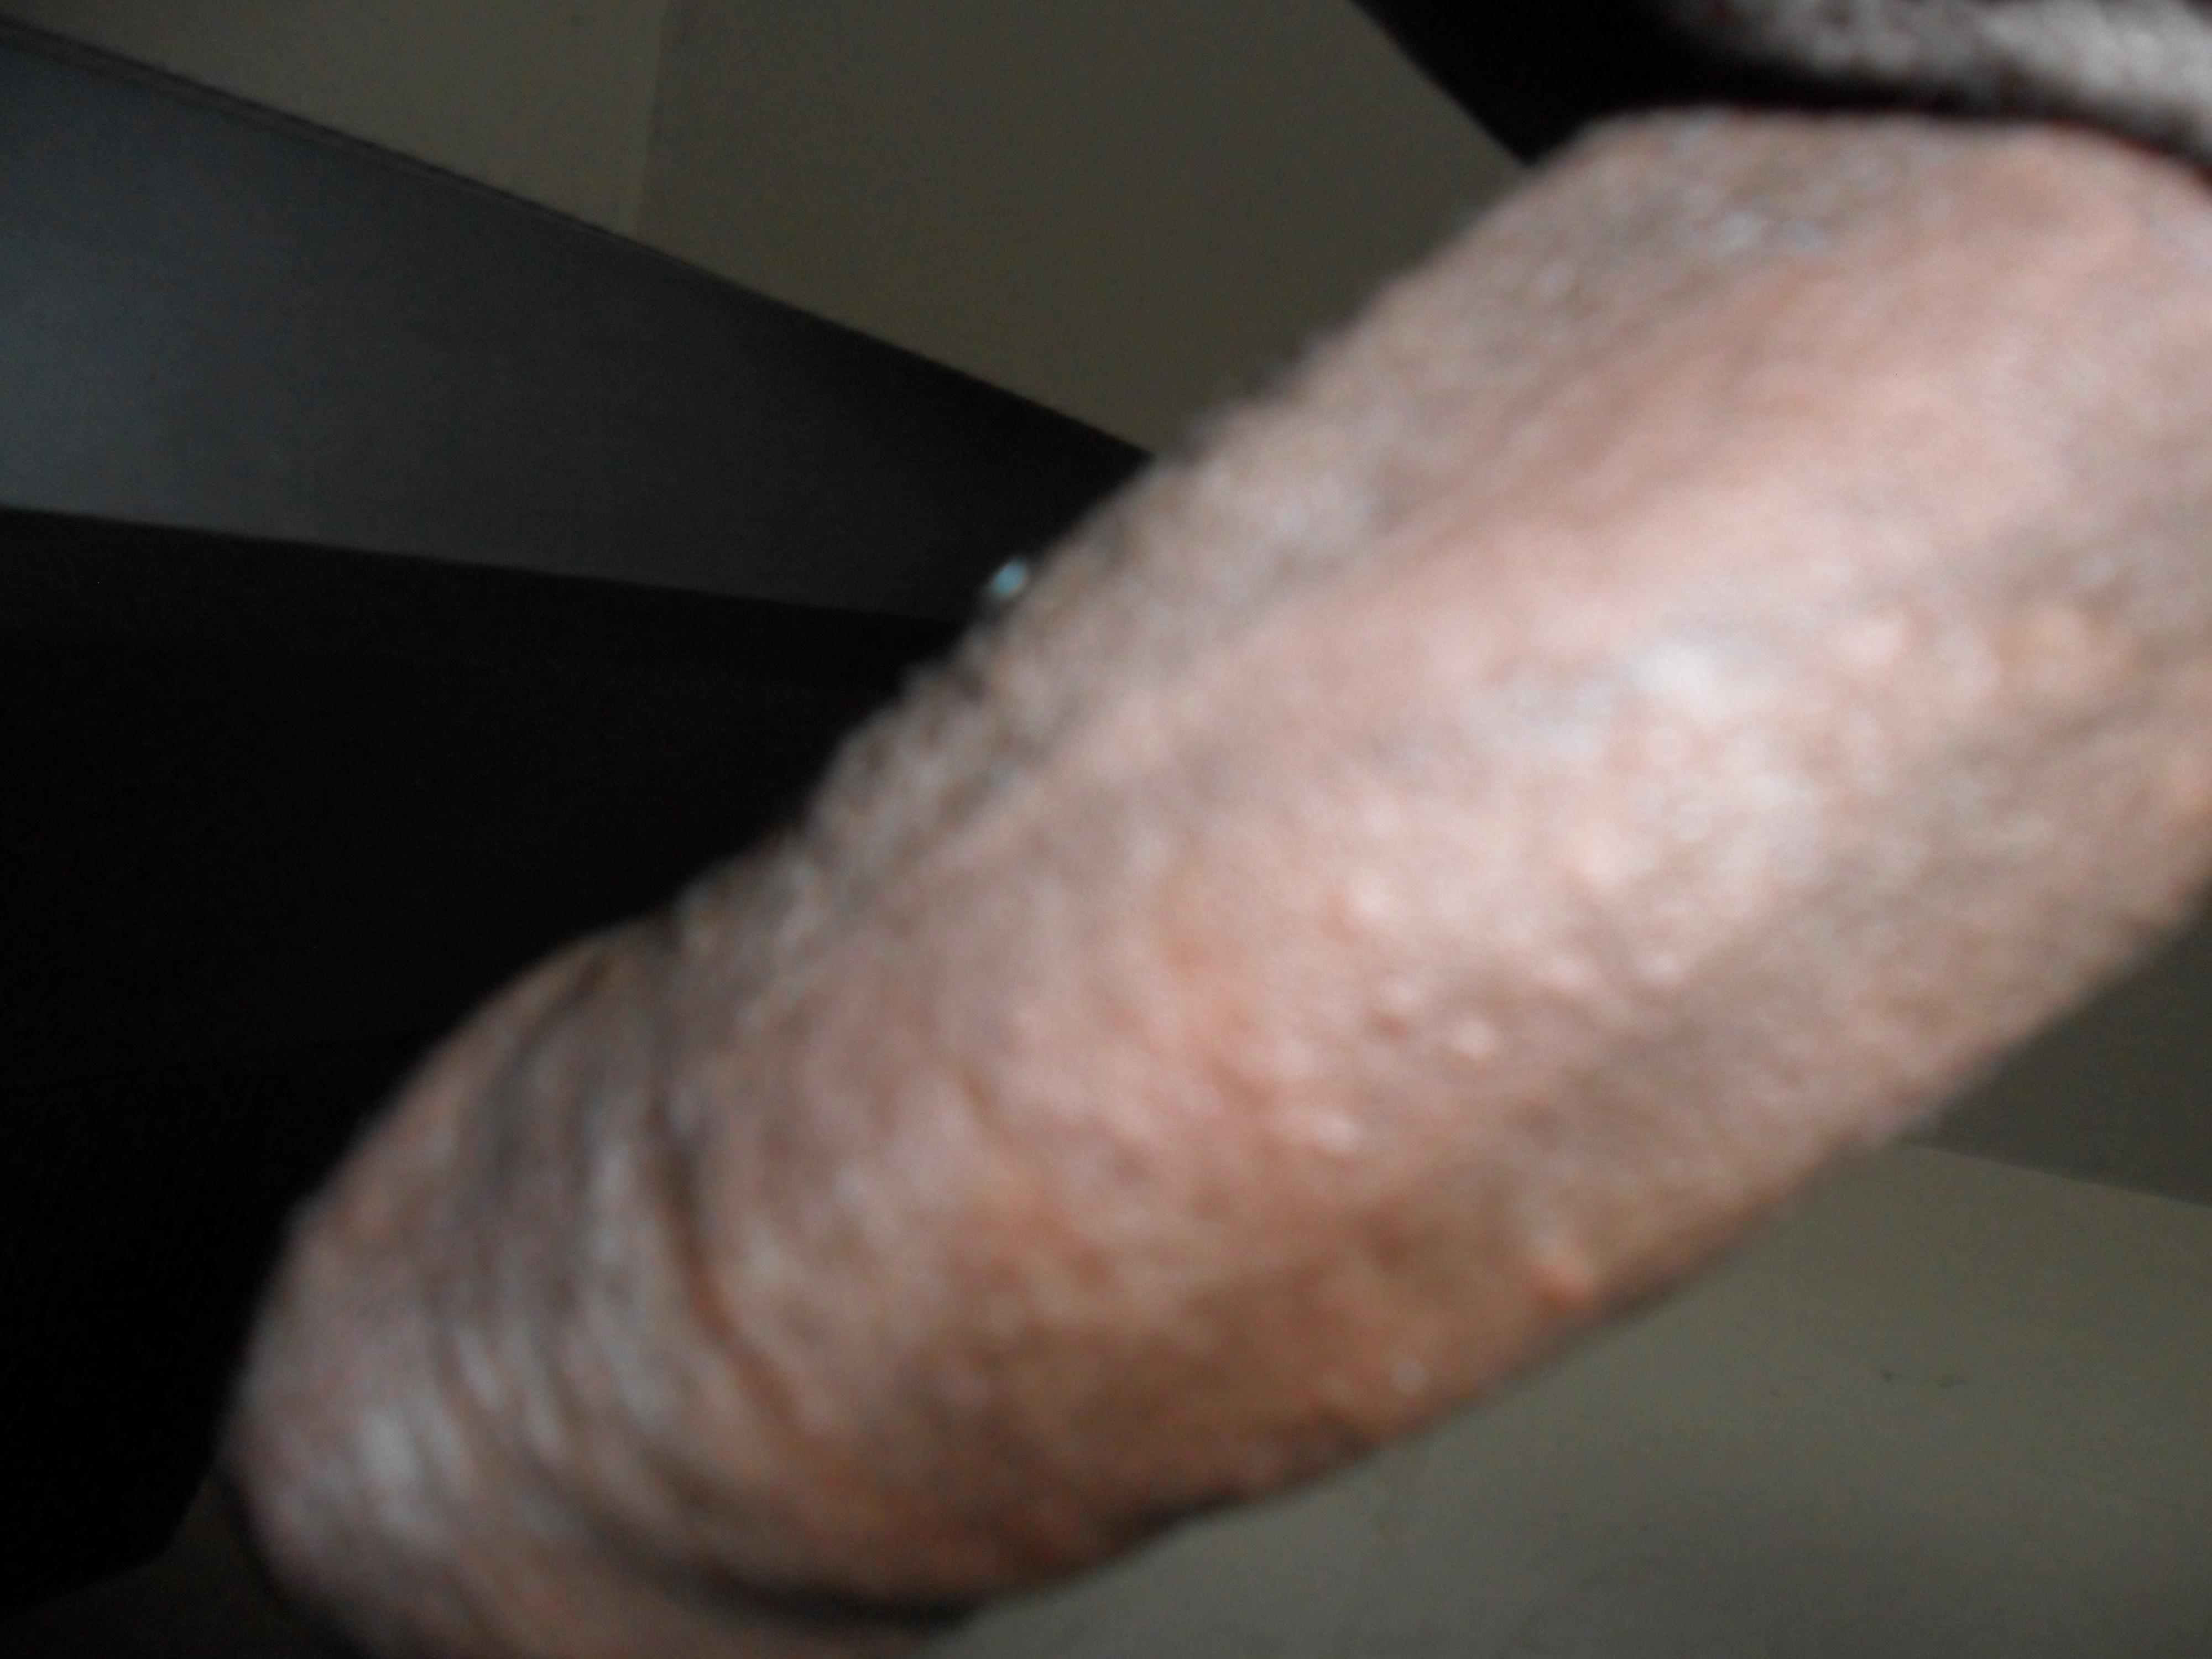 cariocasafado